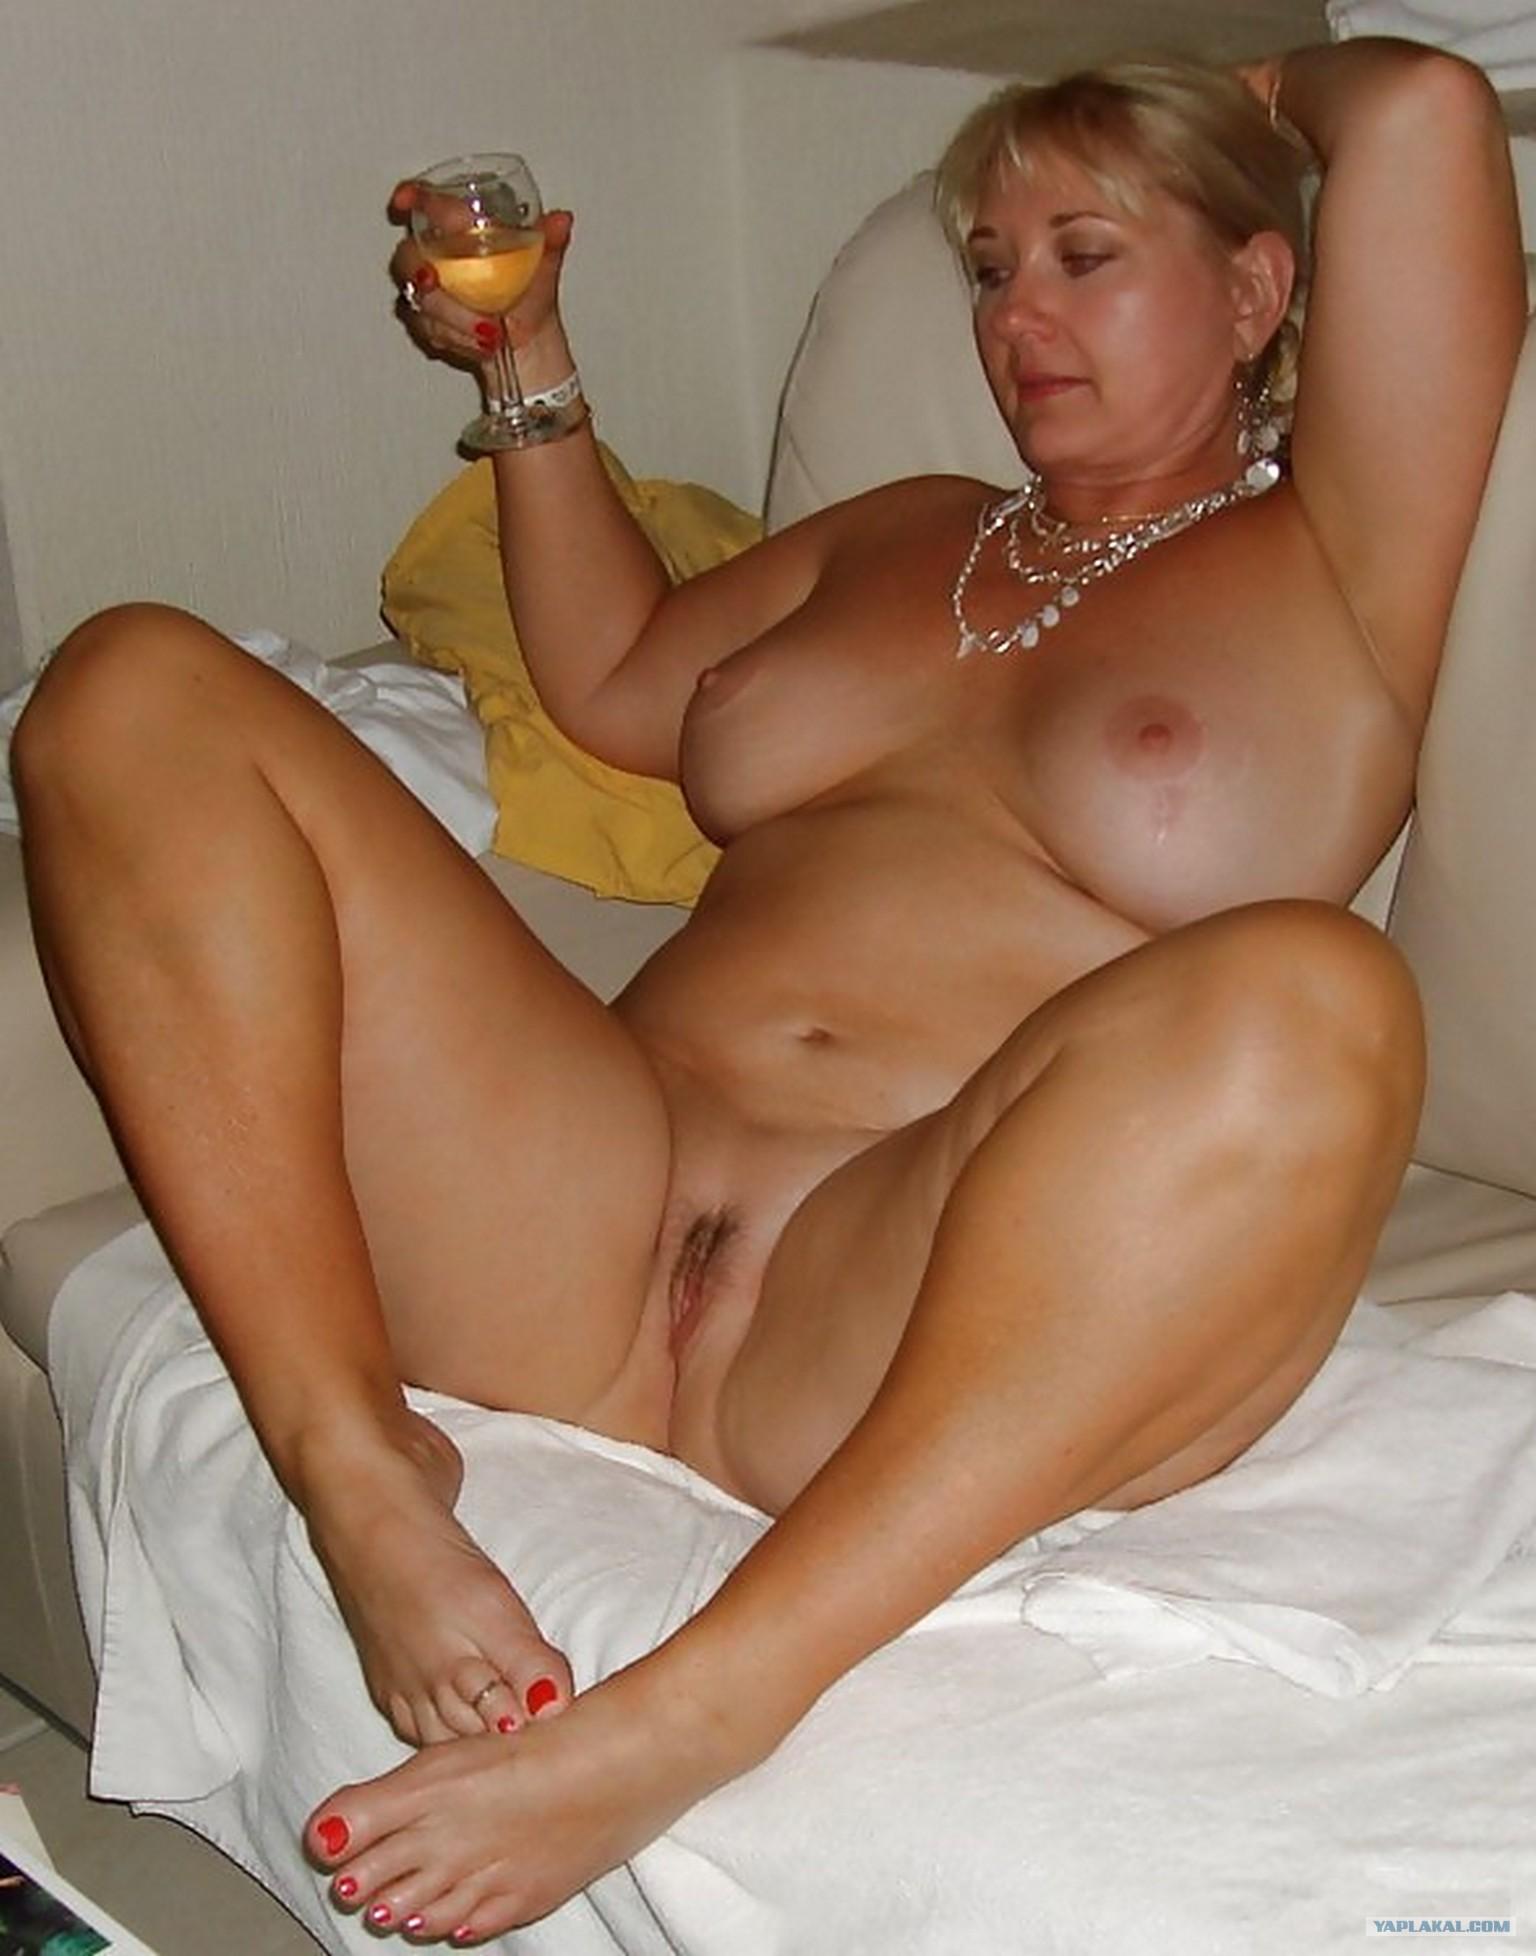 Сочные женчины порно 45лет 6 фотография